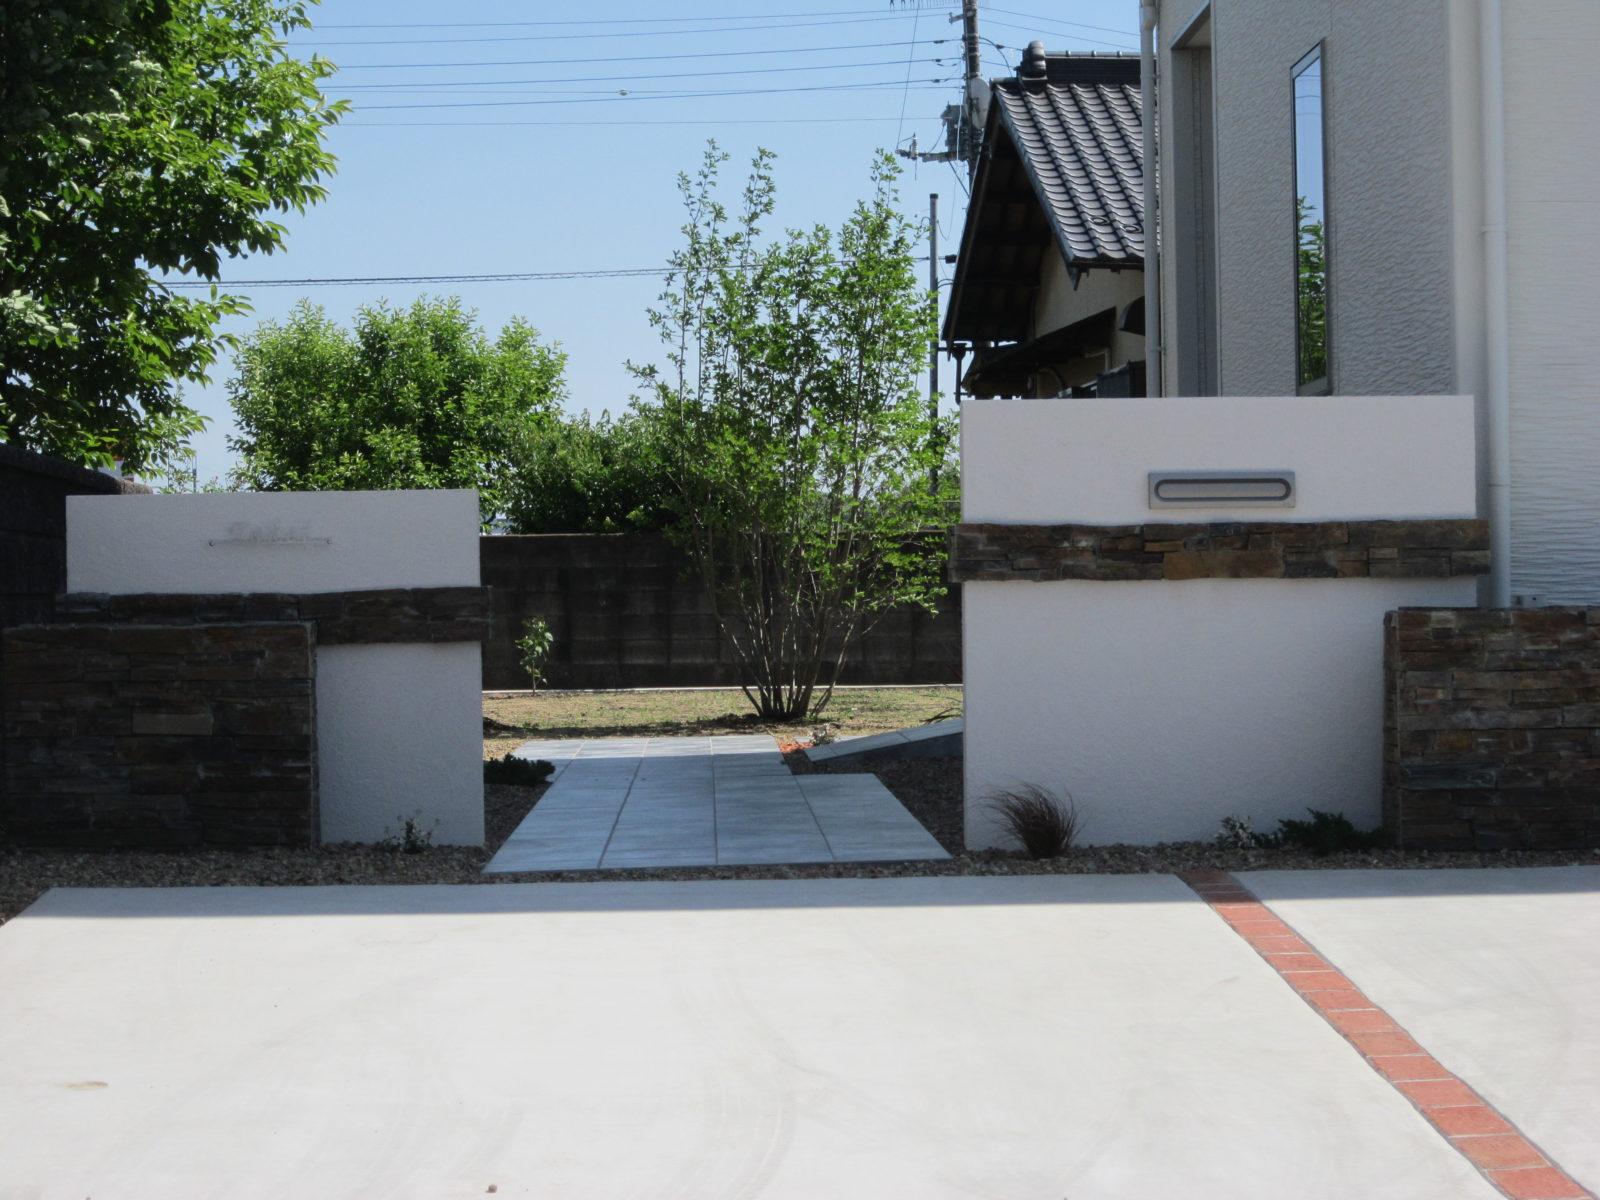 門柱は塗り壁でオンリーワンのビートルパーチウォール